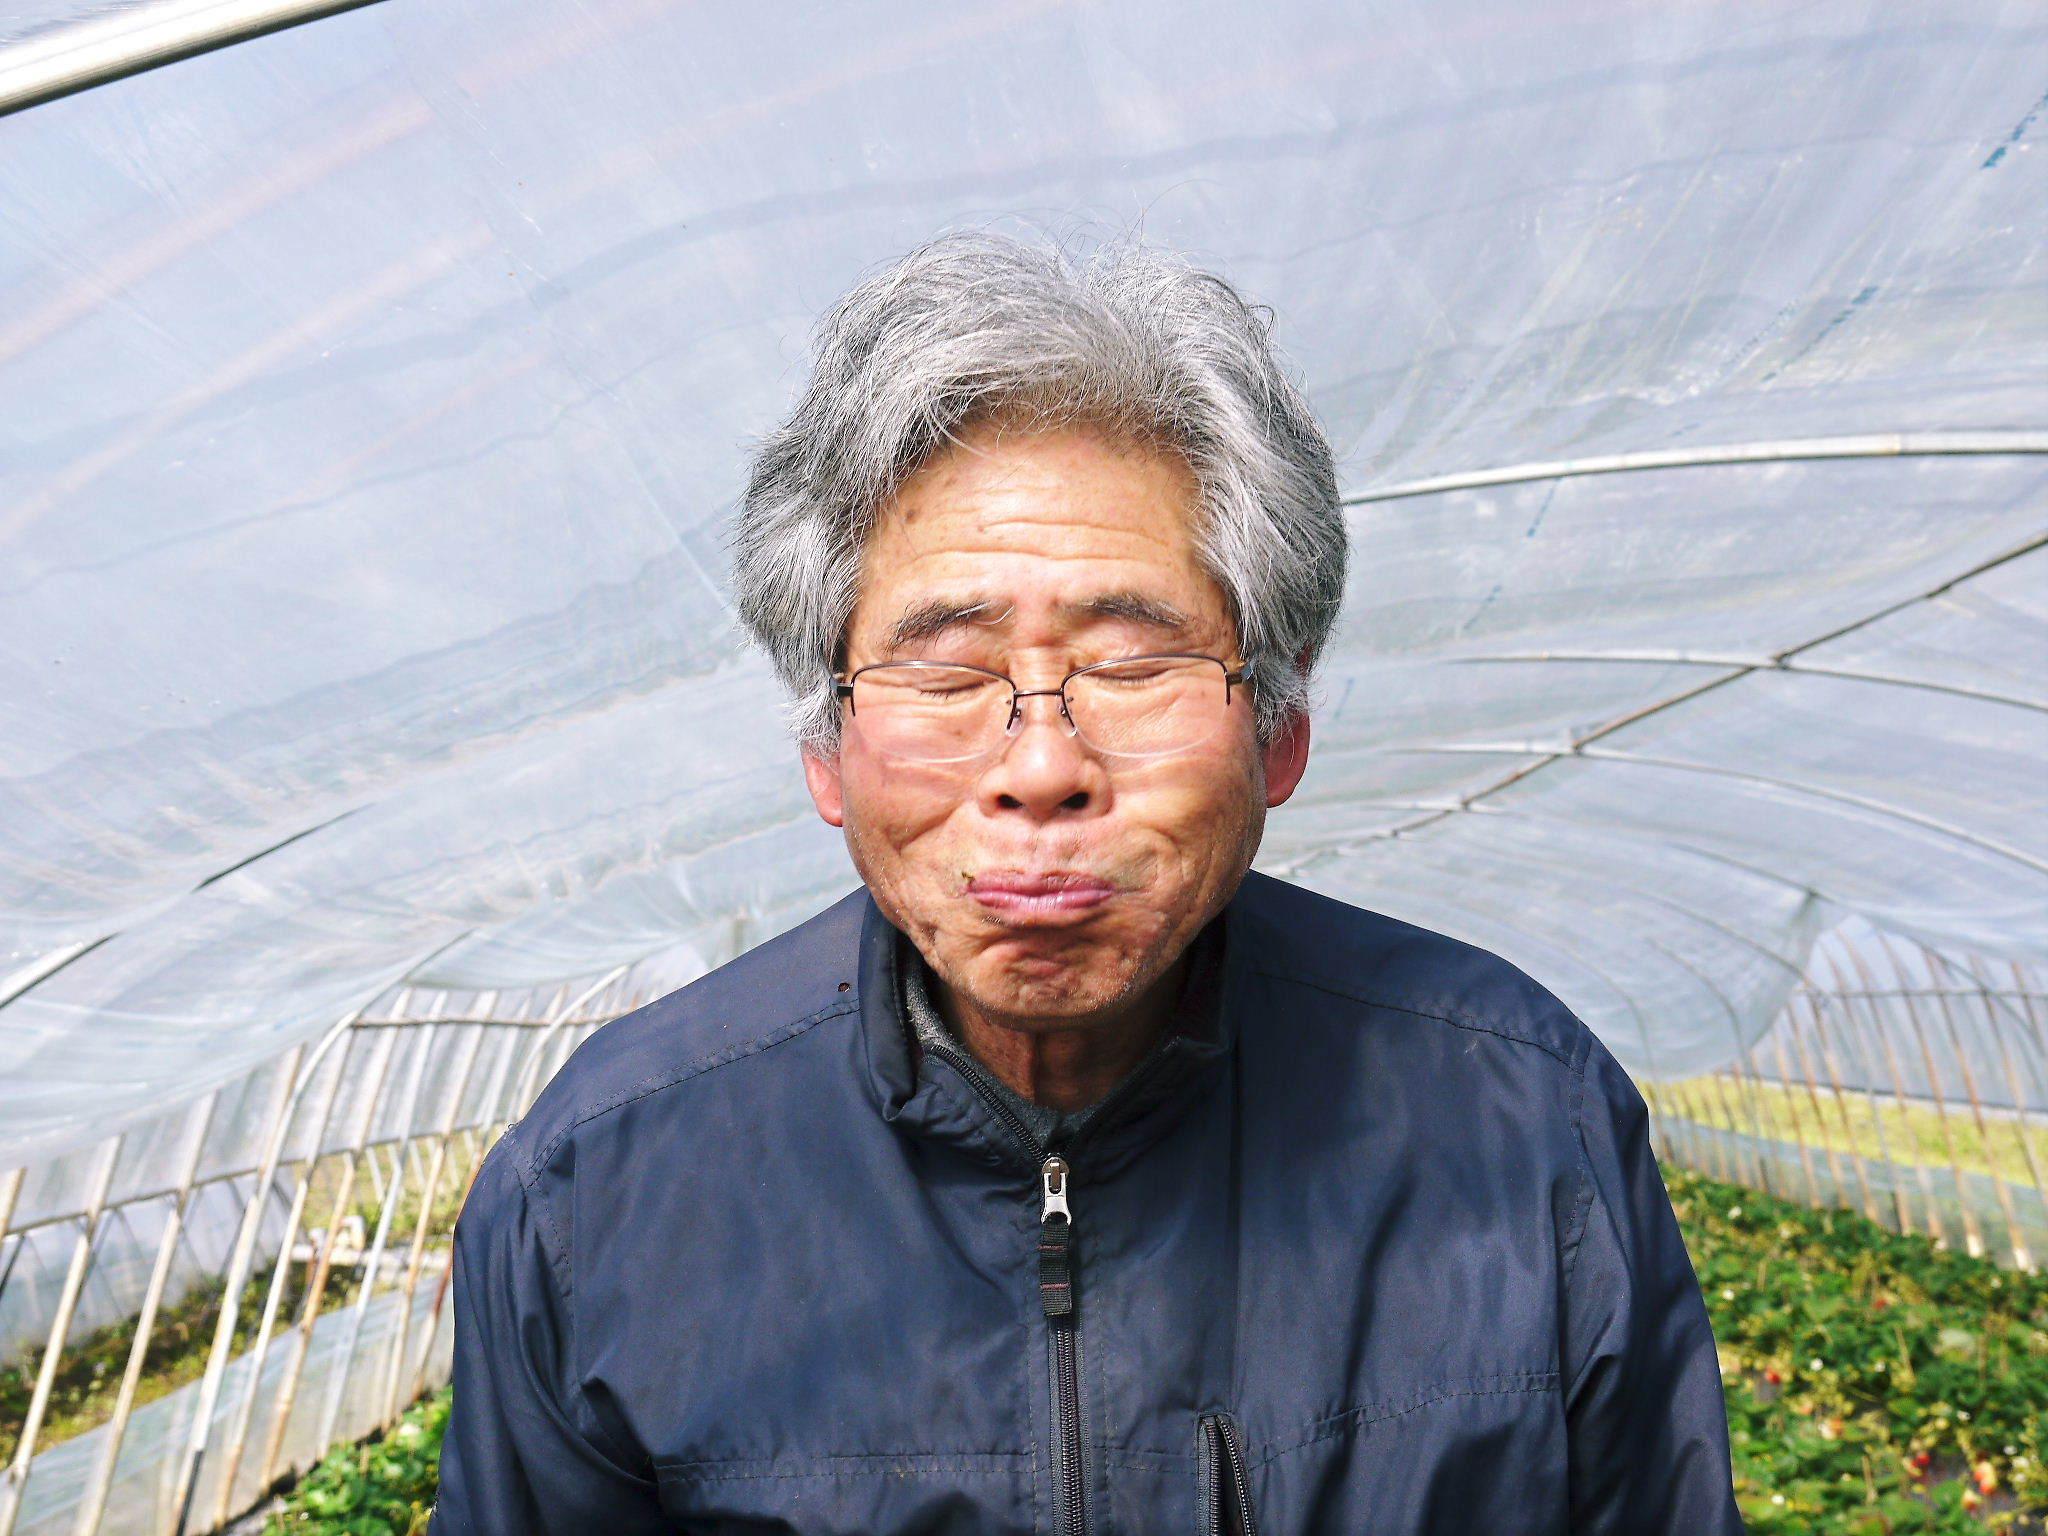 熊本産高級イチゴ『完熟紅ほっぺ』2020年はレギュラーパック3月末発送分、平積みパック4月中旬まで!_a0254656_17503433.jpg